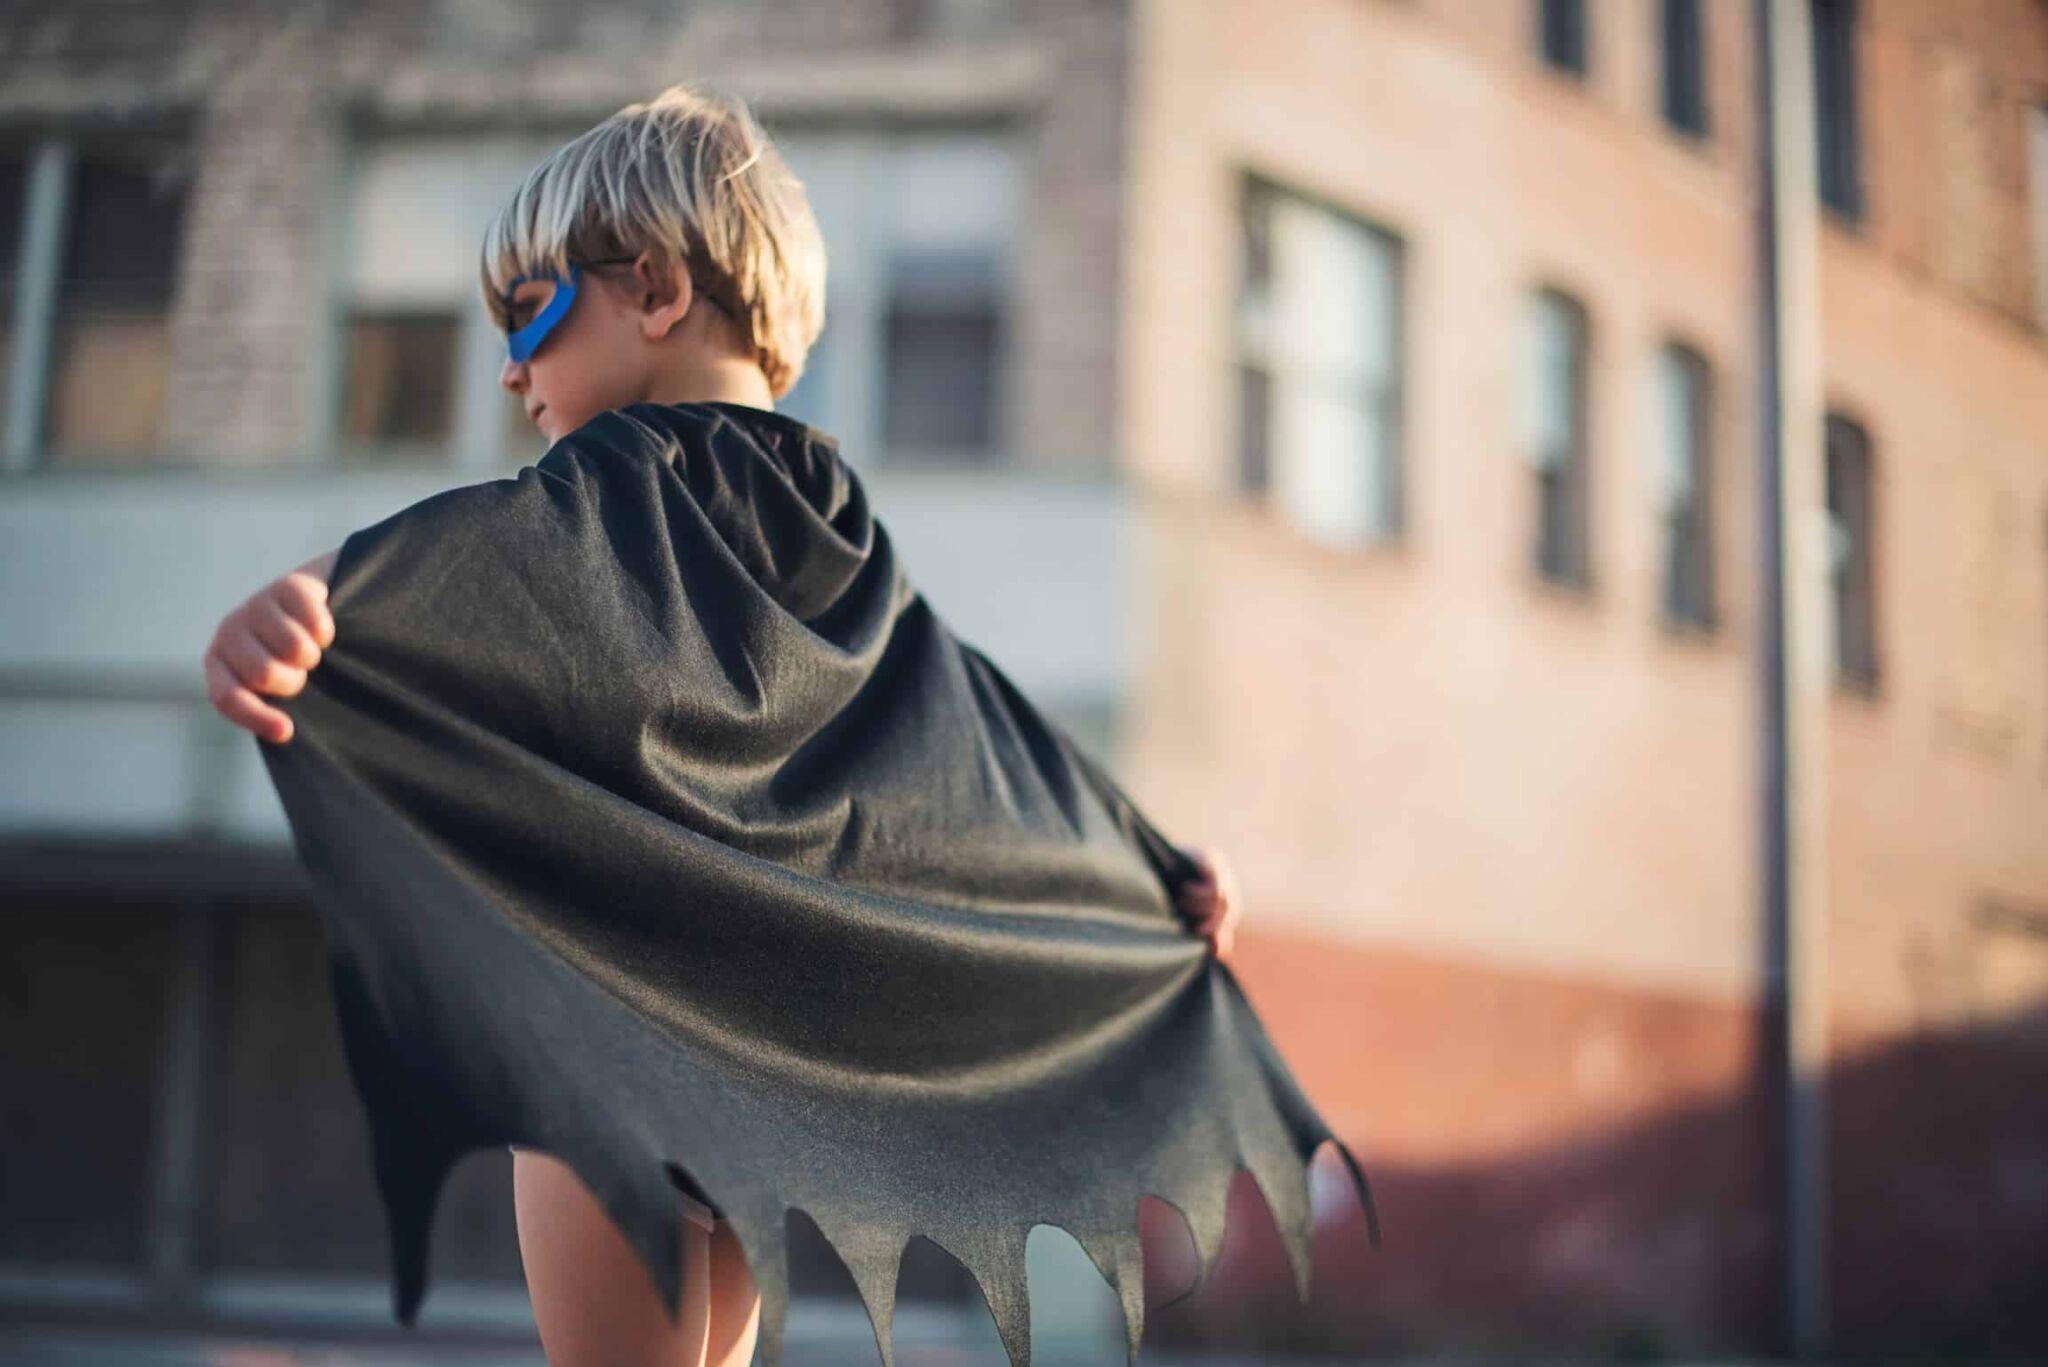 Ты не супергерой! Люди созданы с ограничениями. Бог не сотворил тебя быть супергероем. В Библии есть только один Супергерой. Его зовут Иисус Христос.